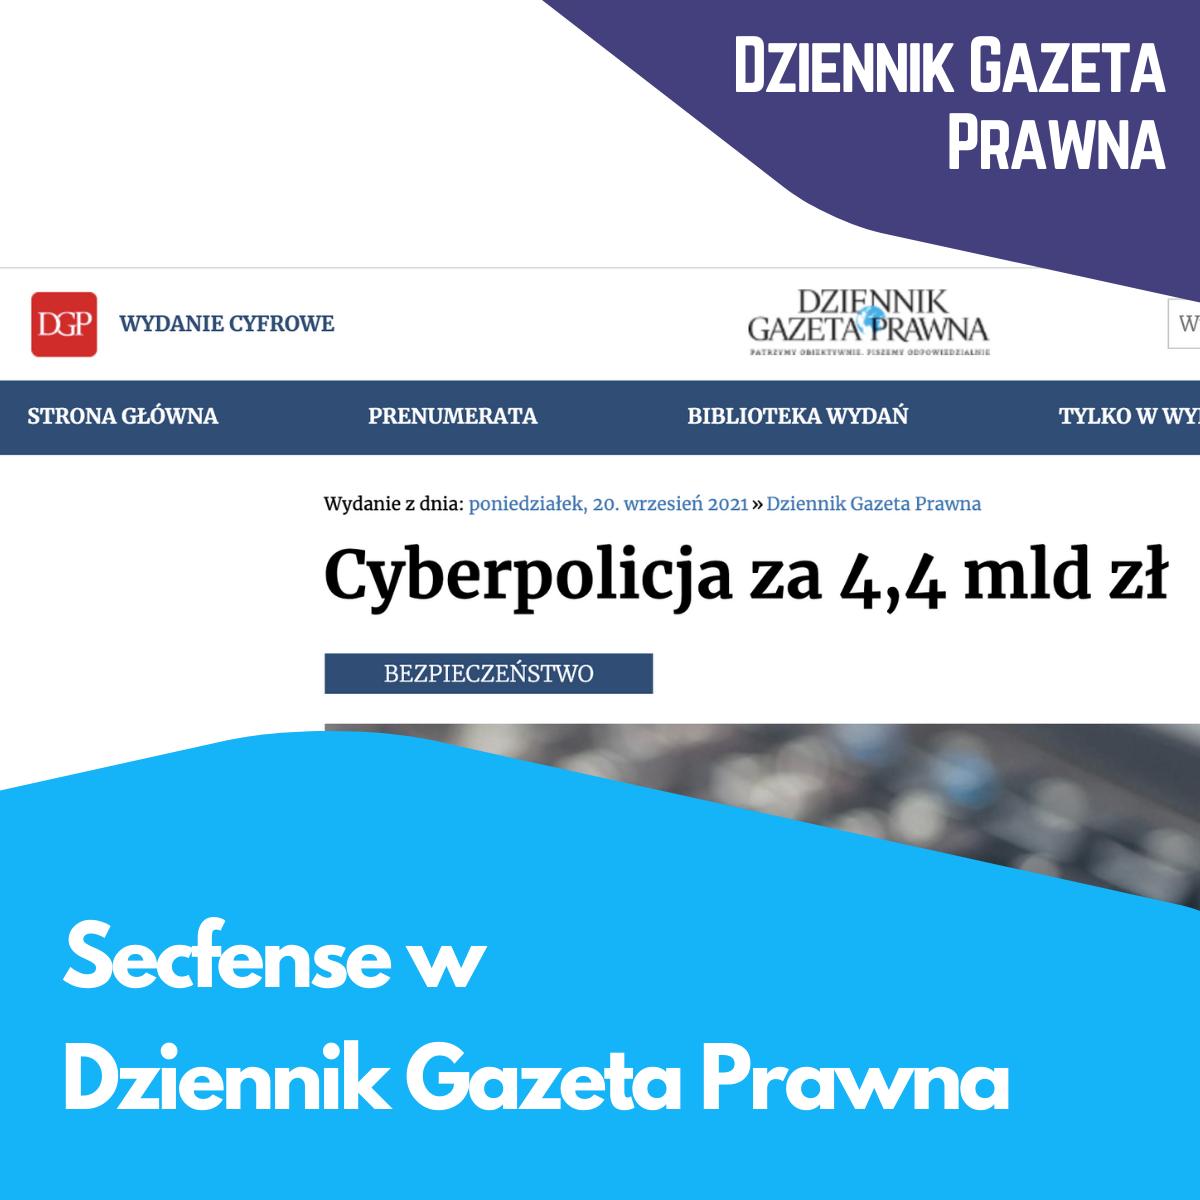 Secfense w Dziennik Gazeta Prawna